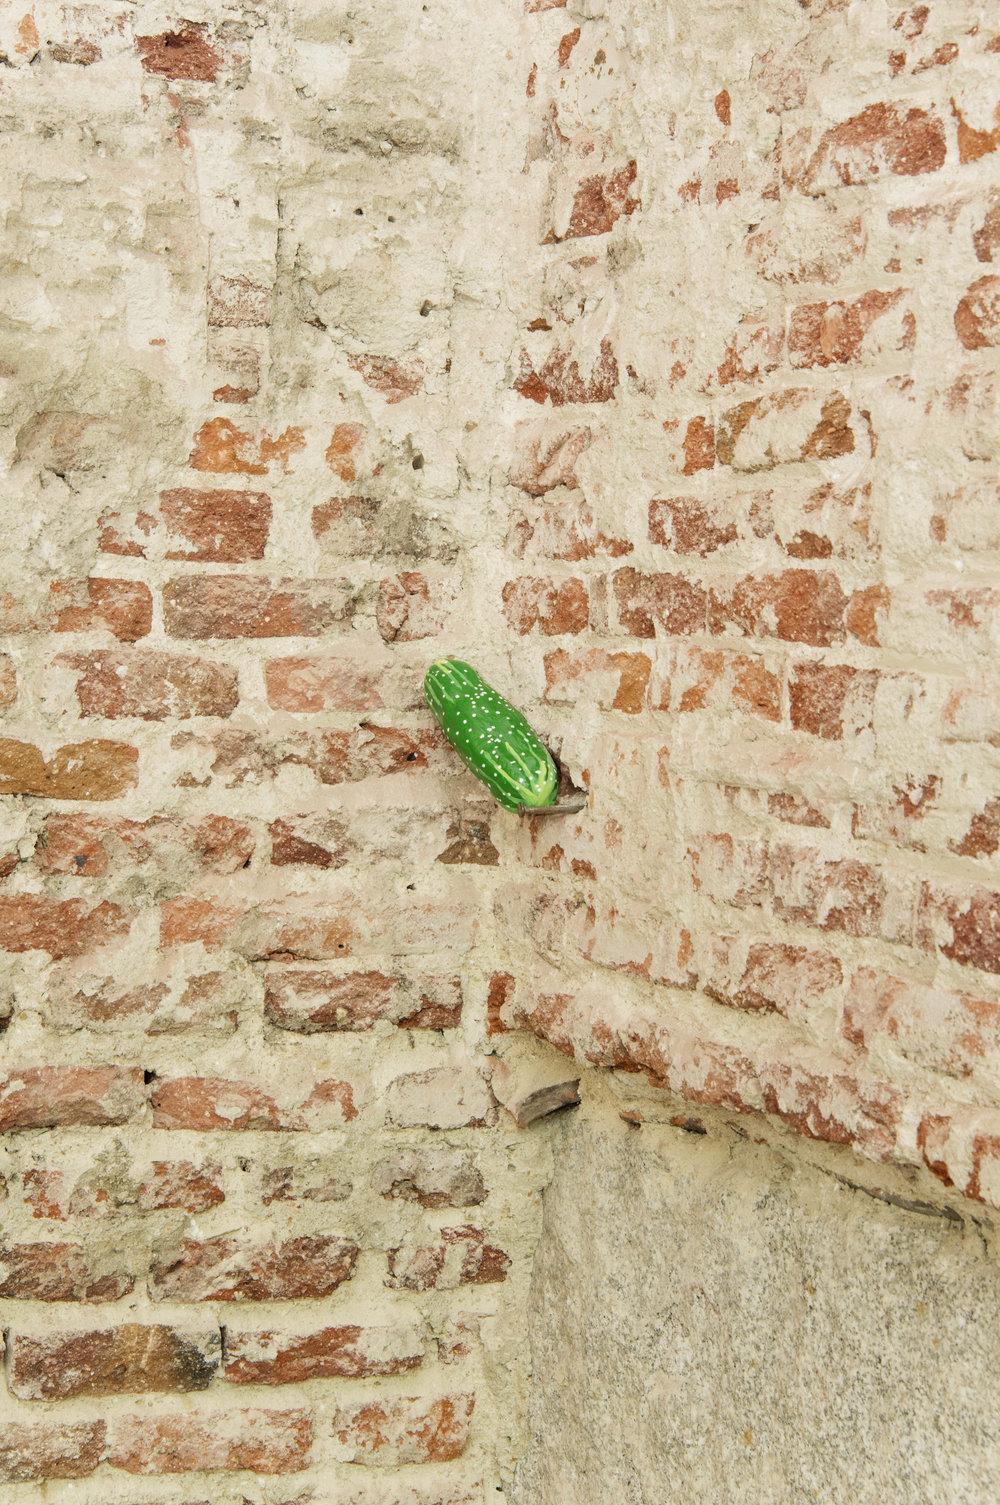 Cucumber5B.jpg